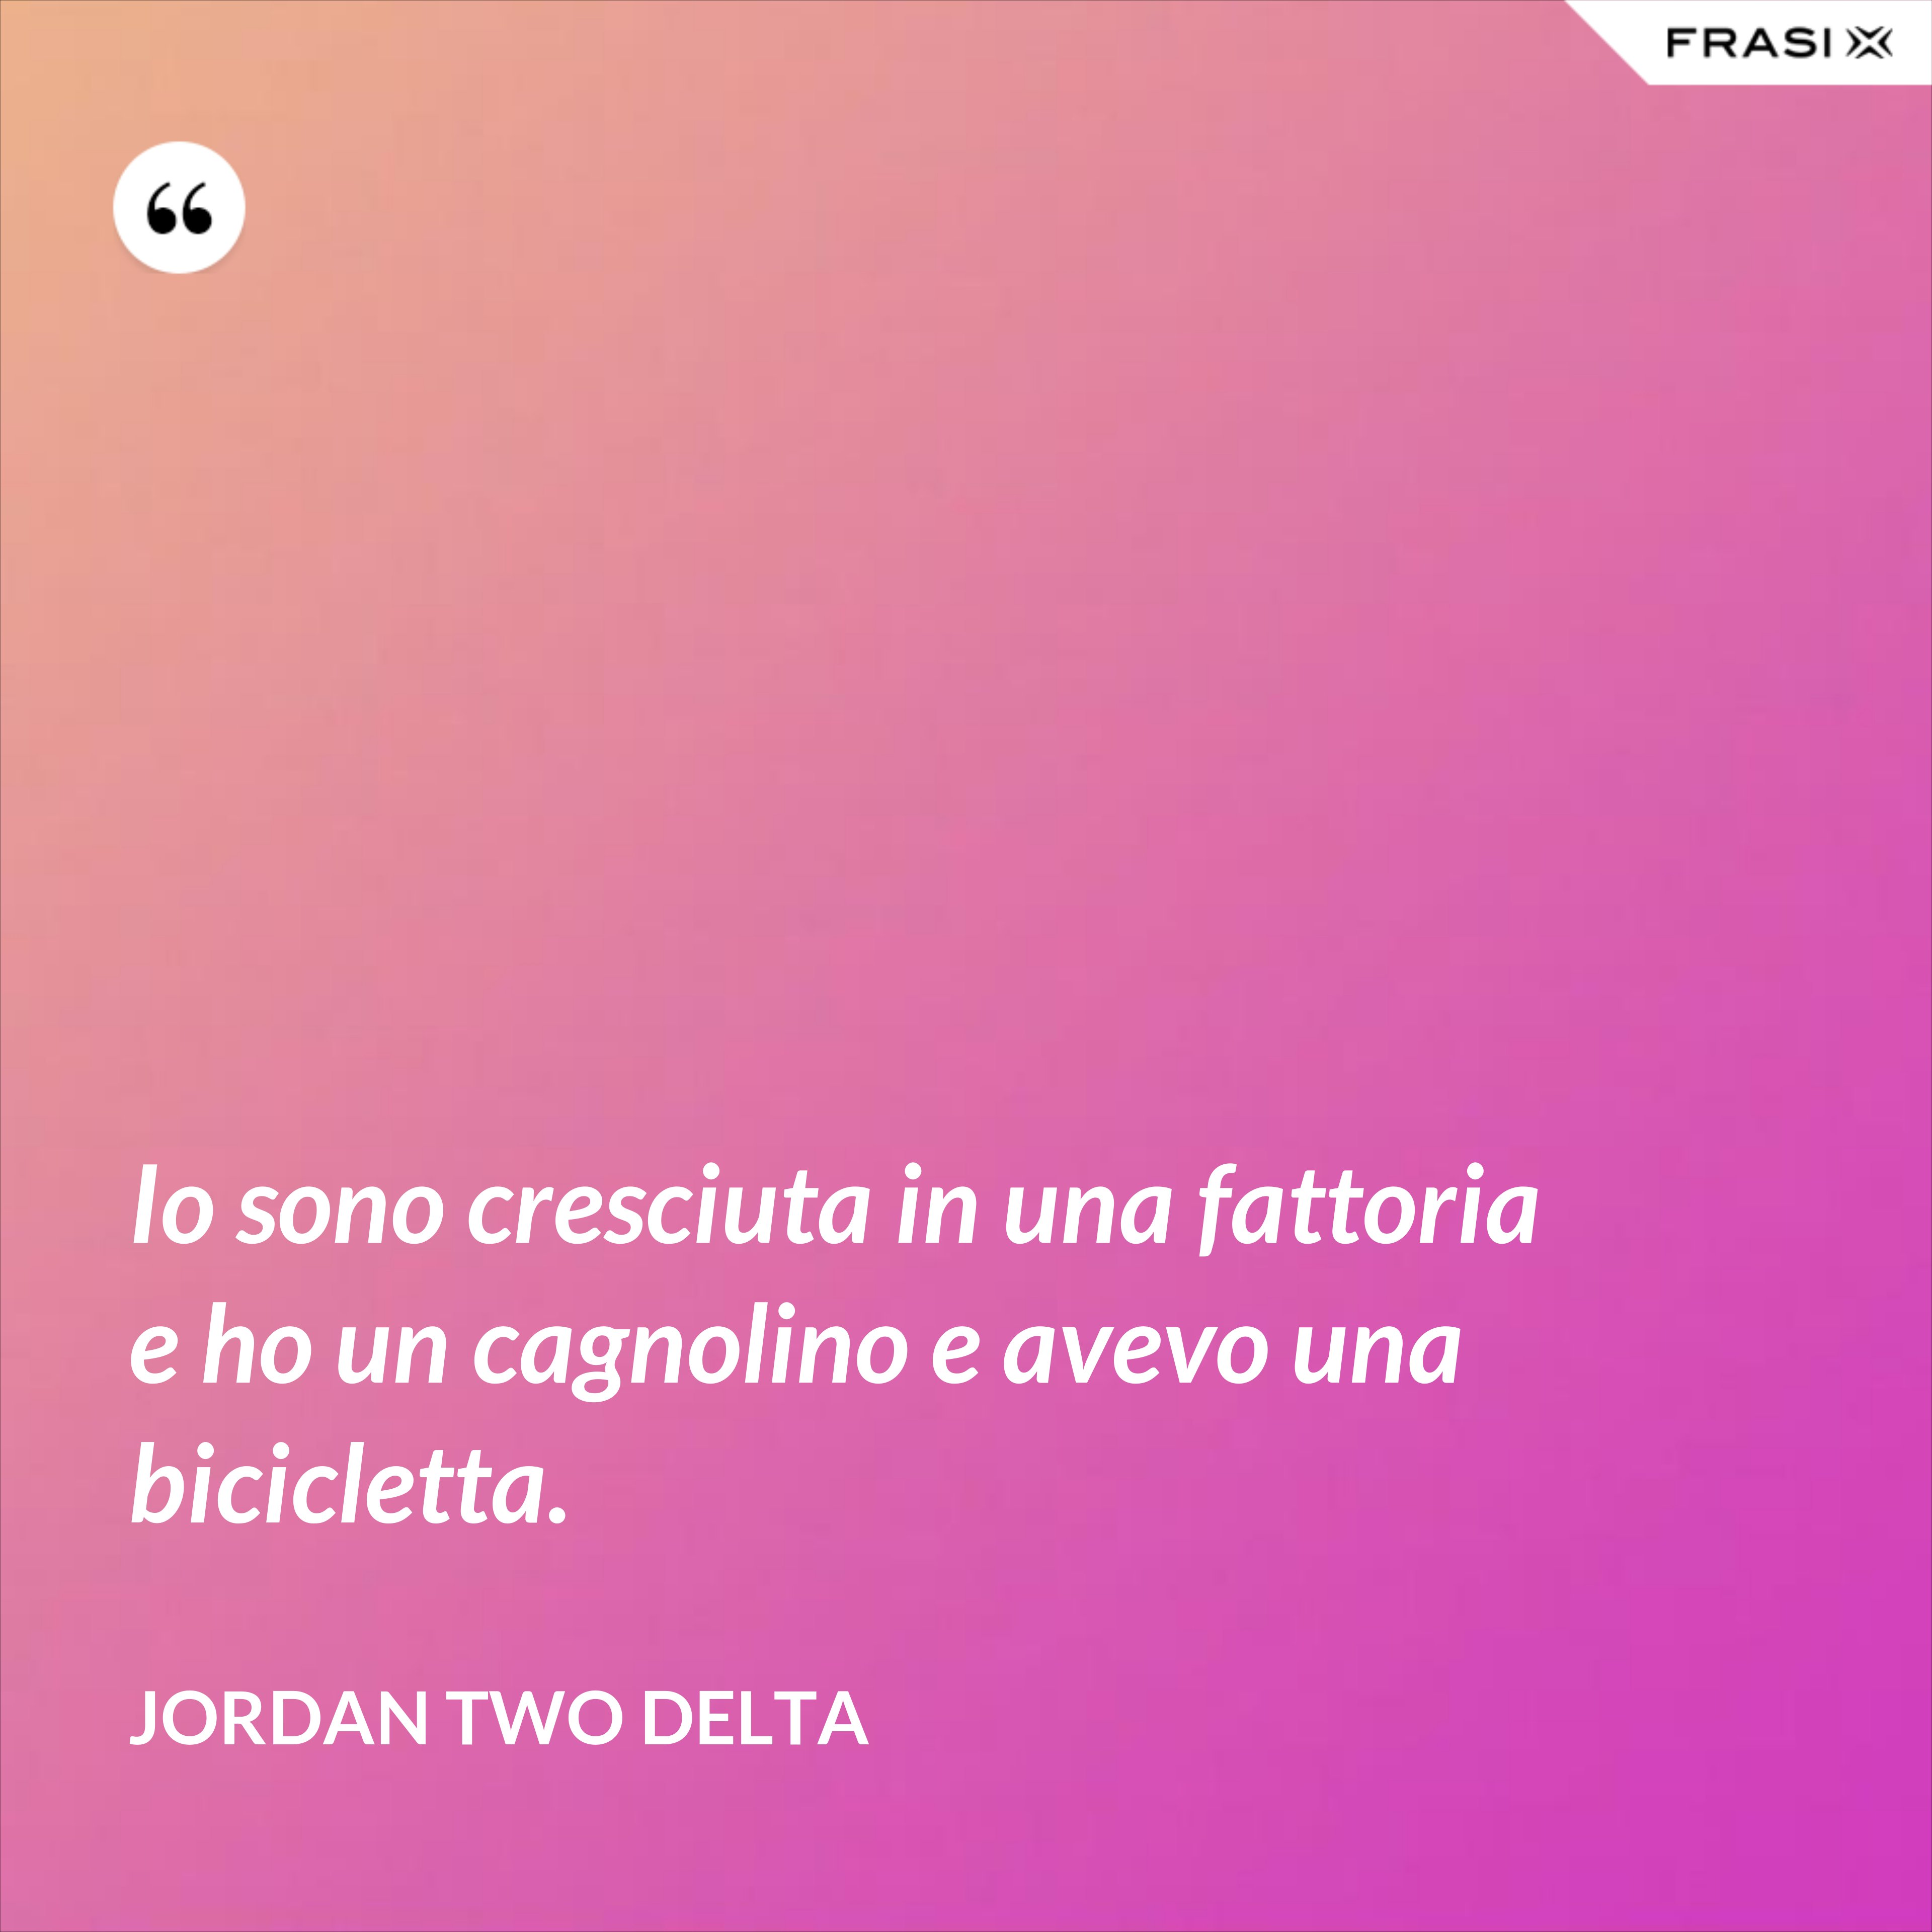 Io sono cresciuta in una fattoria e ho un cagnolino e avevo una bicicletta. - Jordan Two Delta